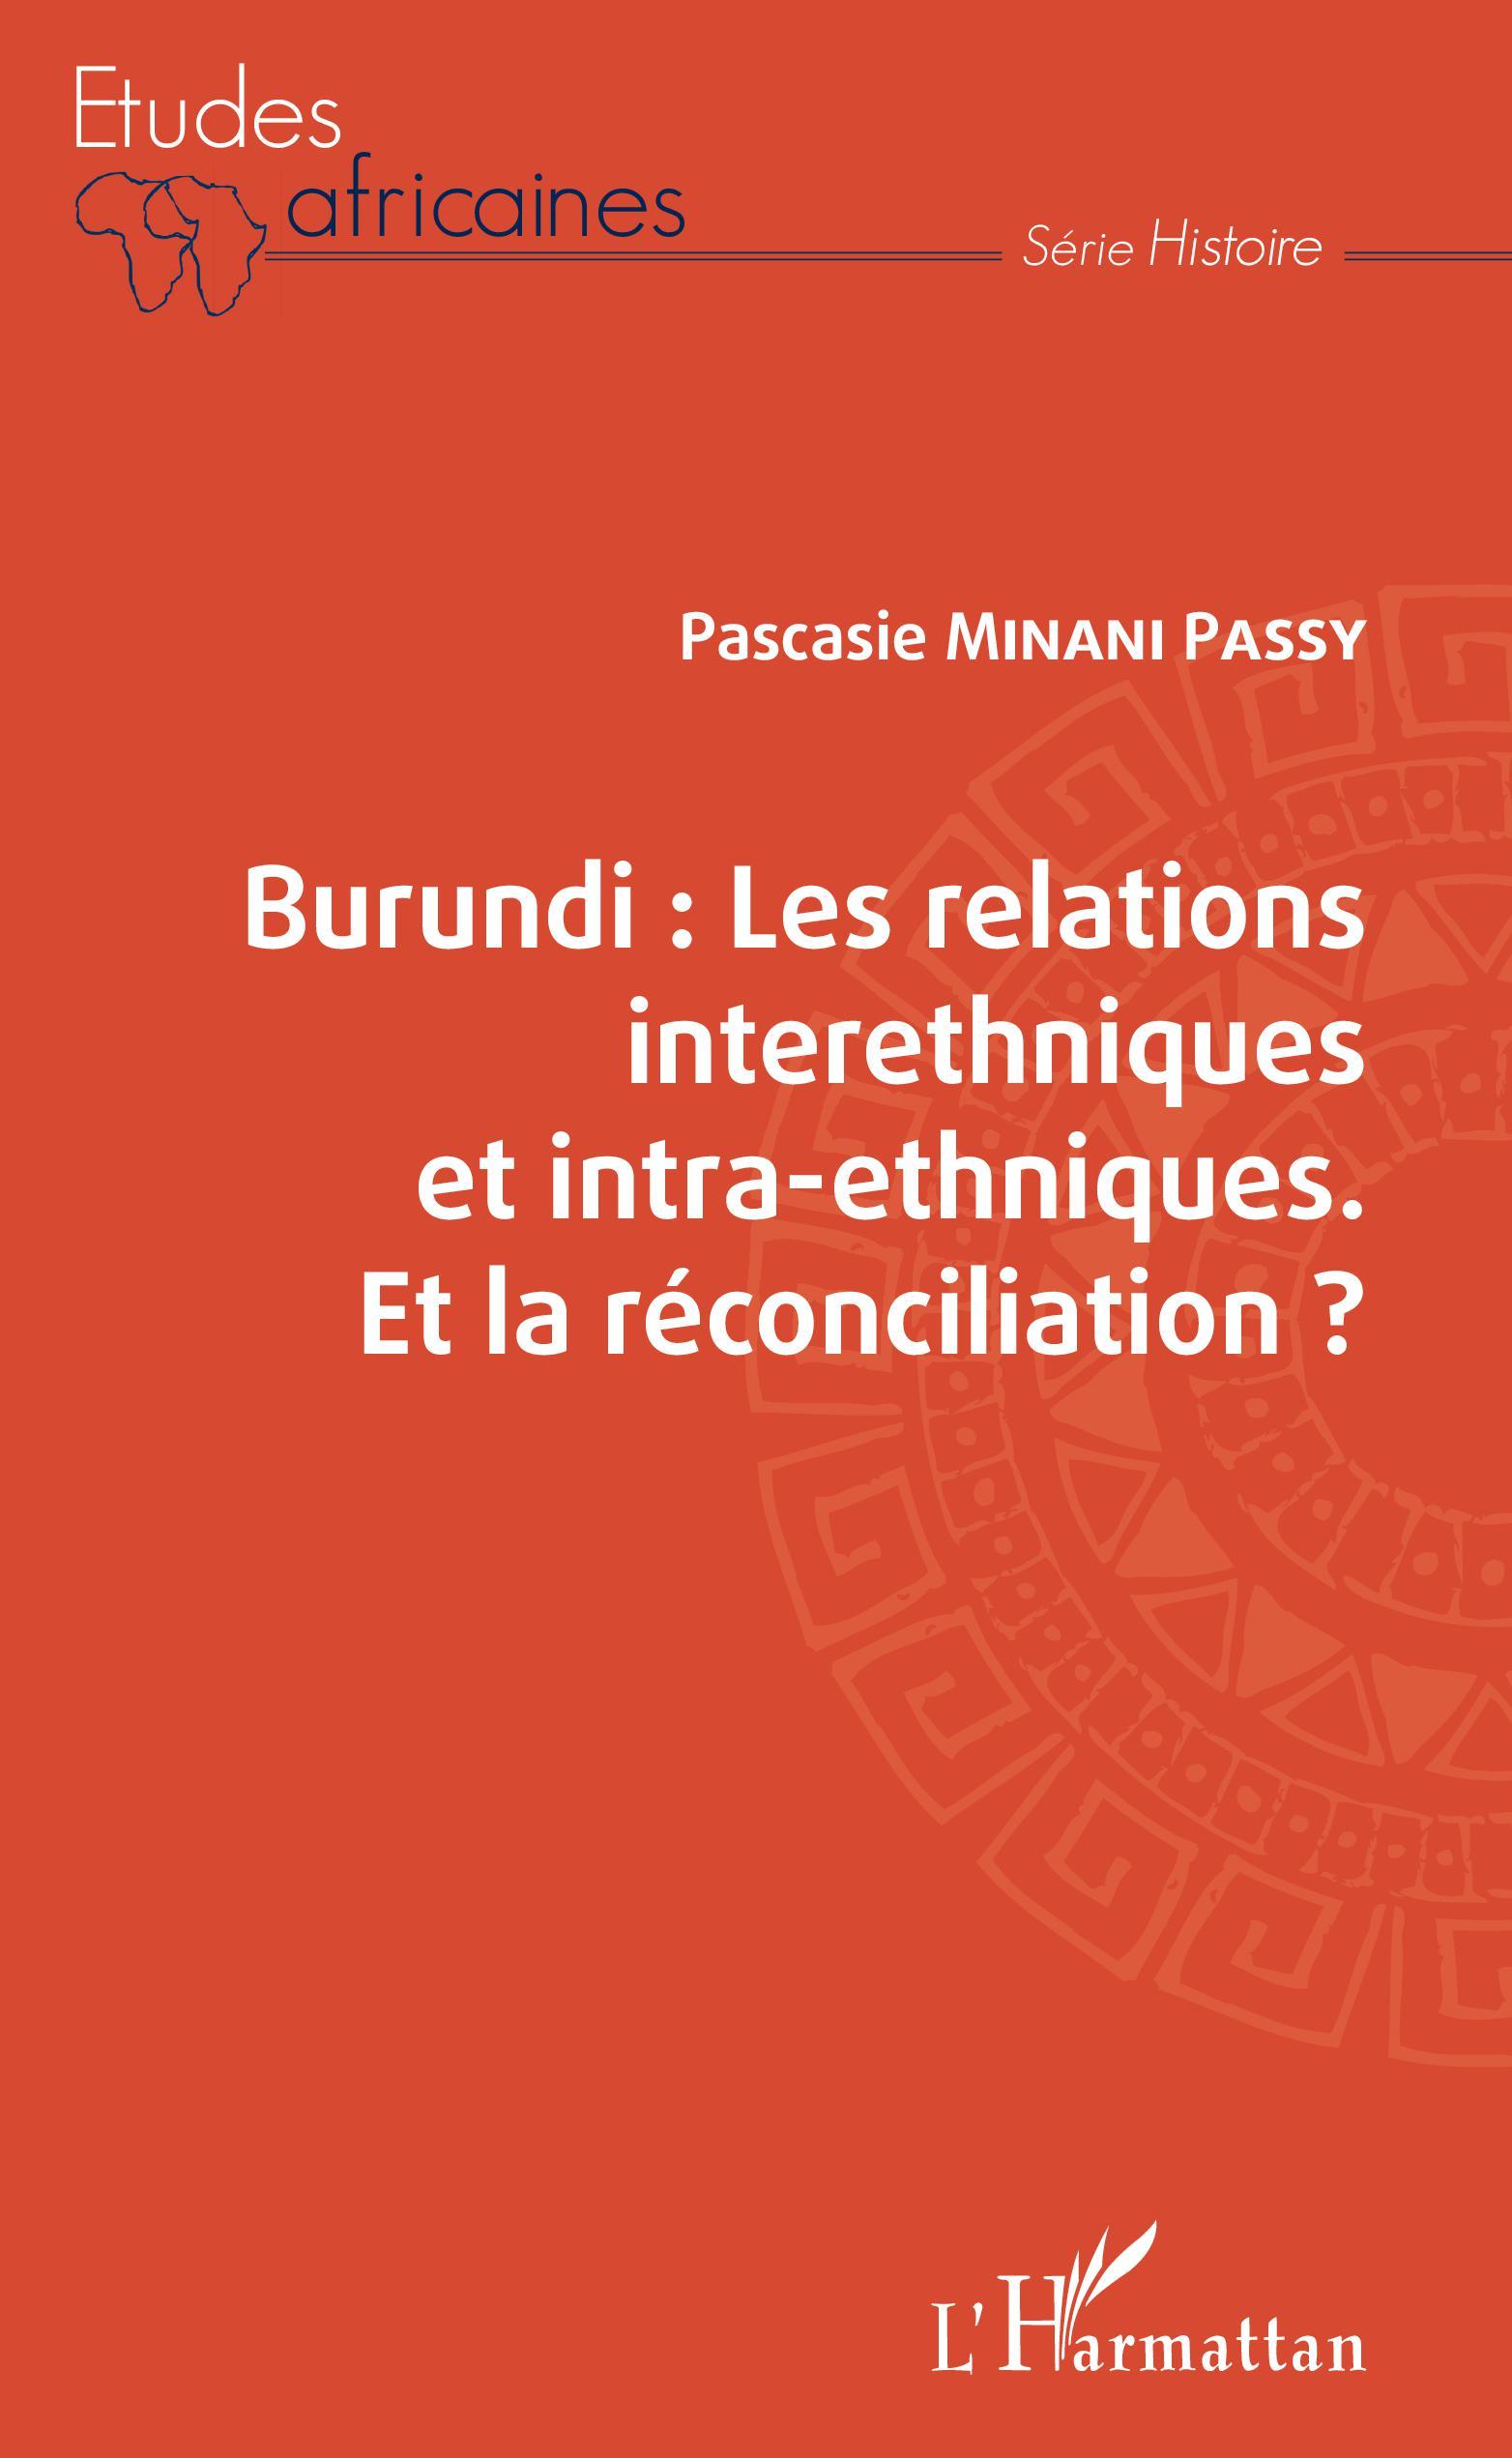 Les relations interethniques et intra-ethniques. Et la réconciliation ?